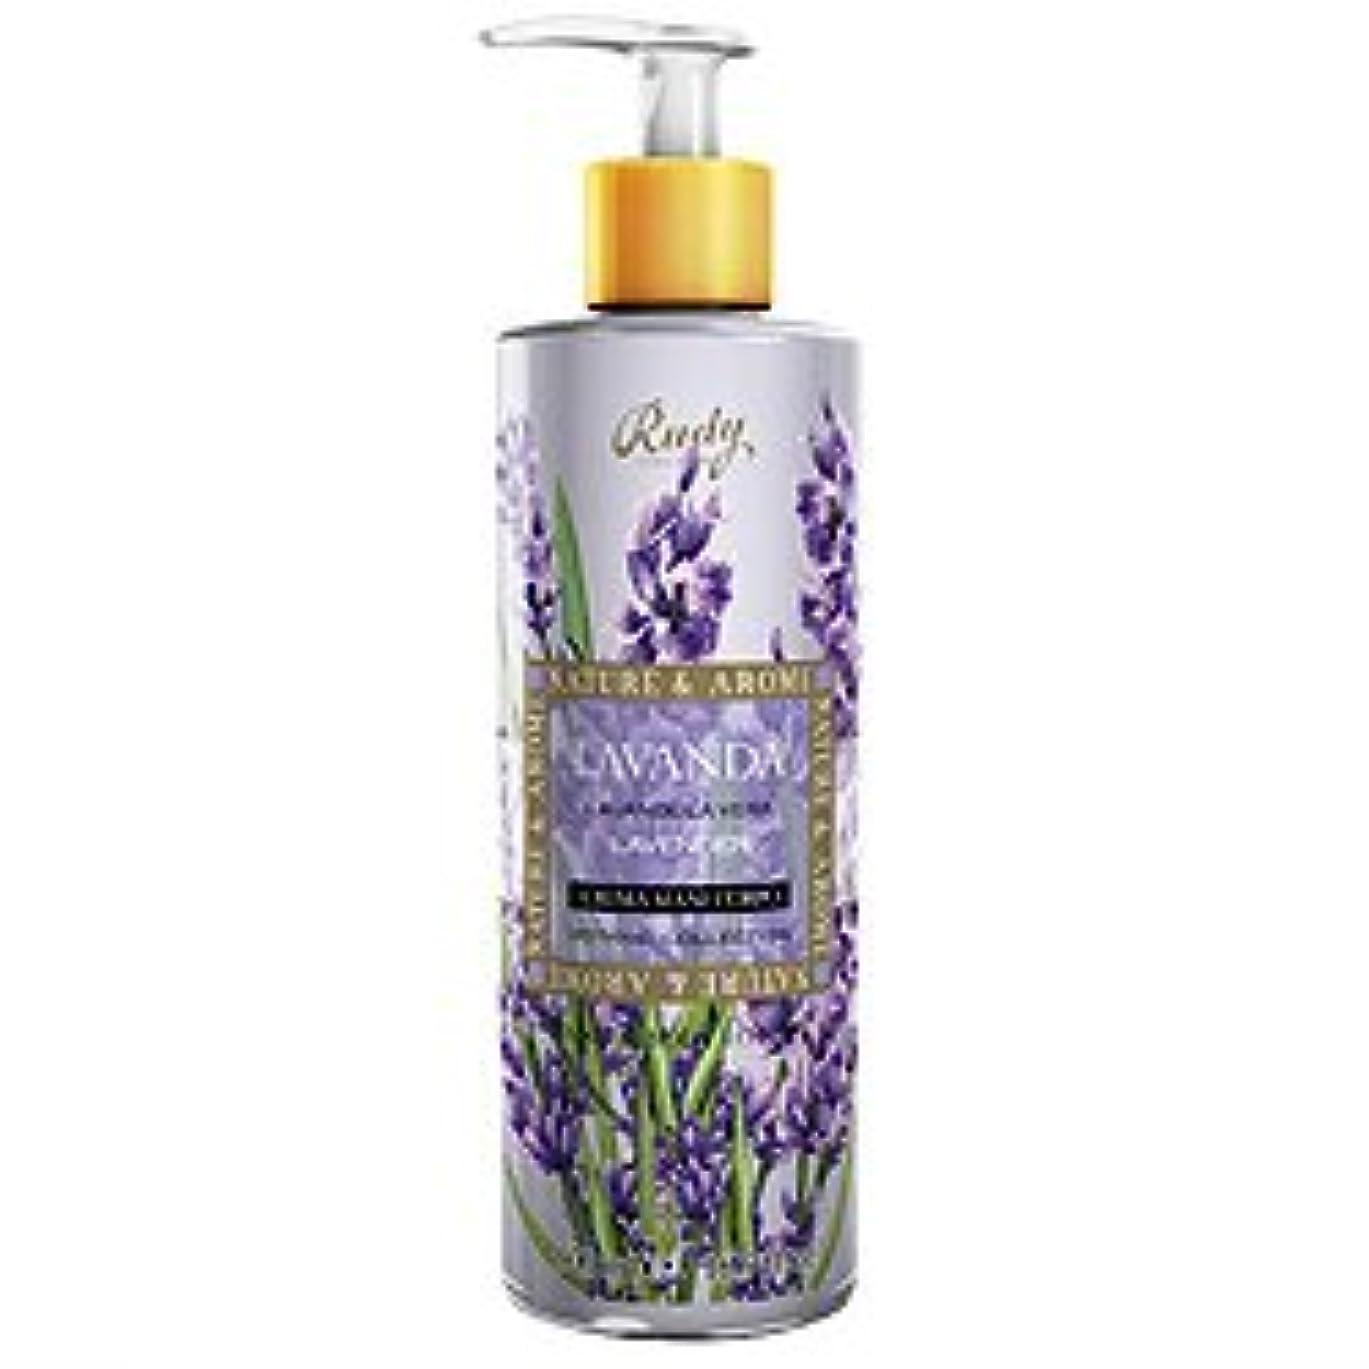 騒ぎ地雷原可塑性ルディ(Rudy) ナチュール&アロマ ハンド&ボディローション ラベンダー 500ml 【並行輸入品】 RUDY Nature&Arome SERIES Hand&Body lotion Lavender